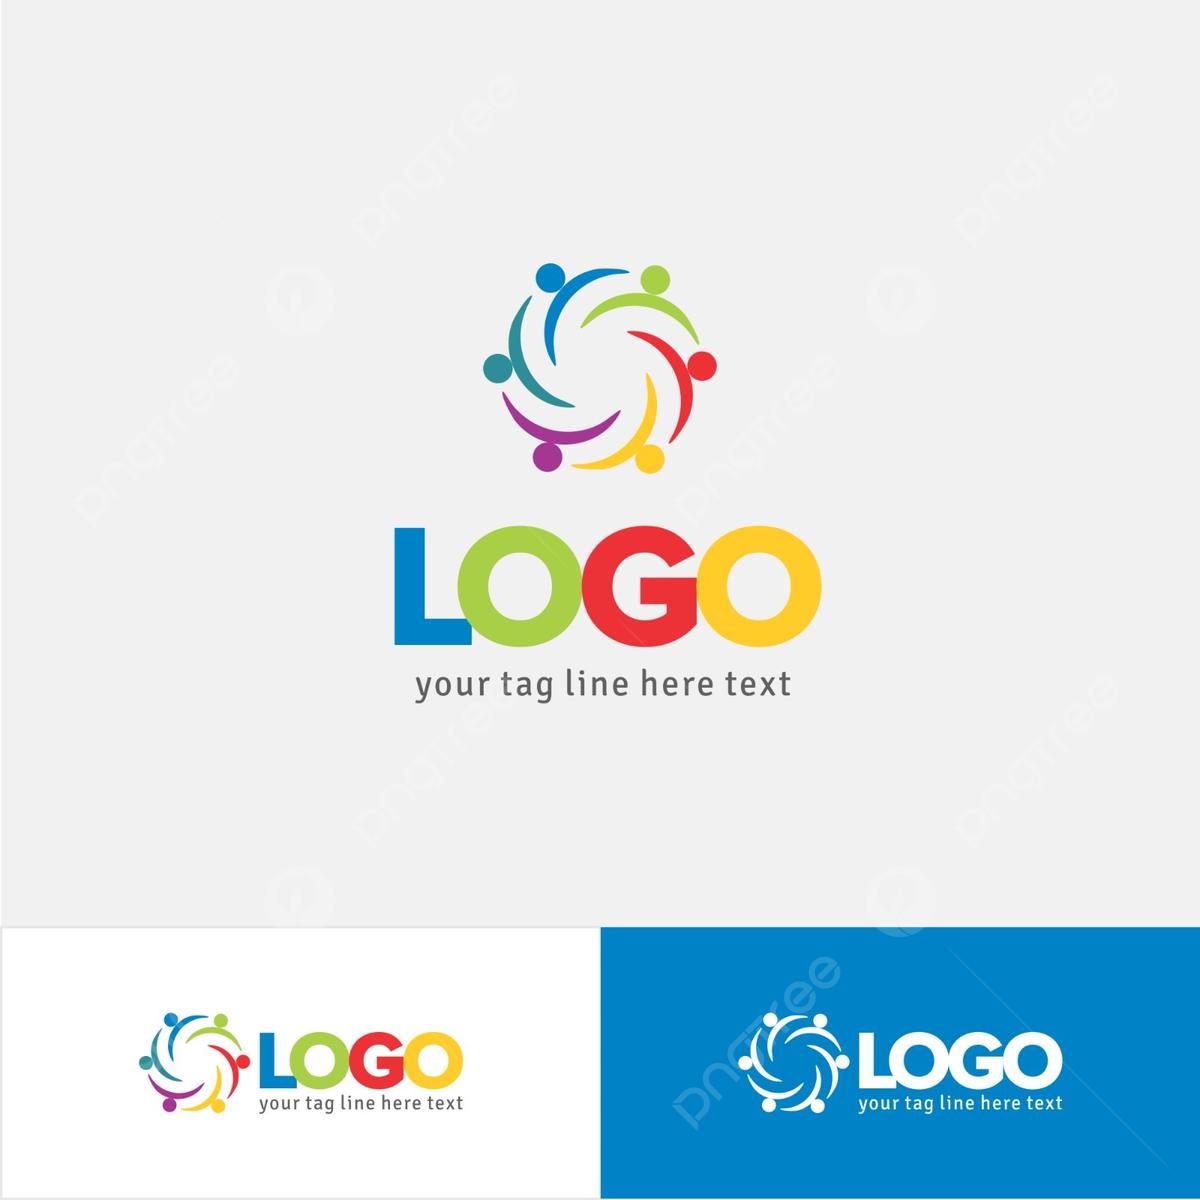 Modele De Conception De Logo Ong Colore Modele De Conception De Logo Gratuit Modele De Telechargement Gratuit Sur Pngtree